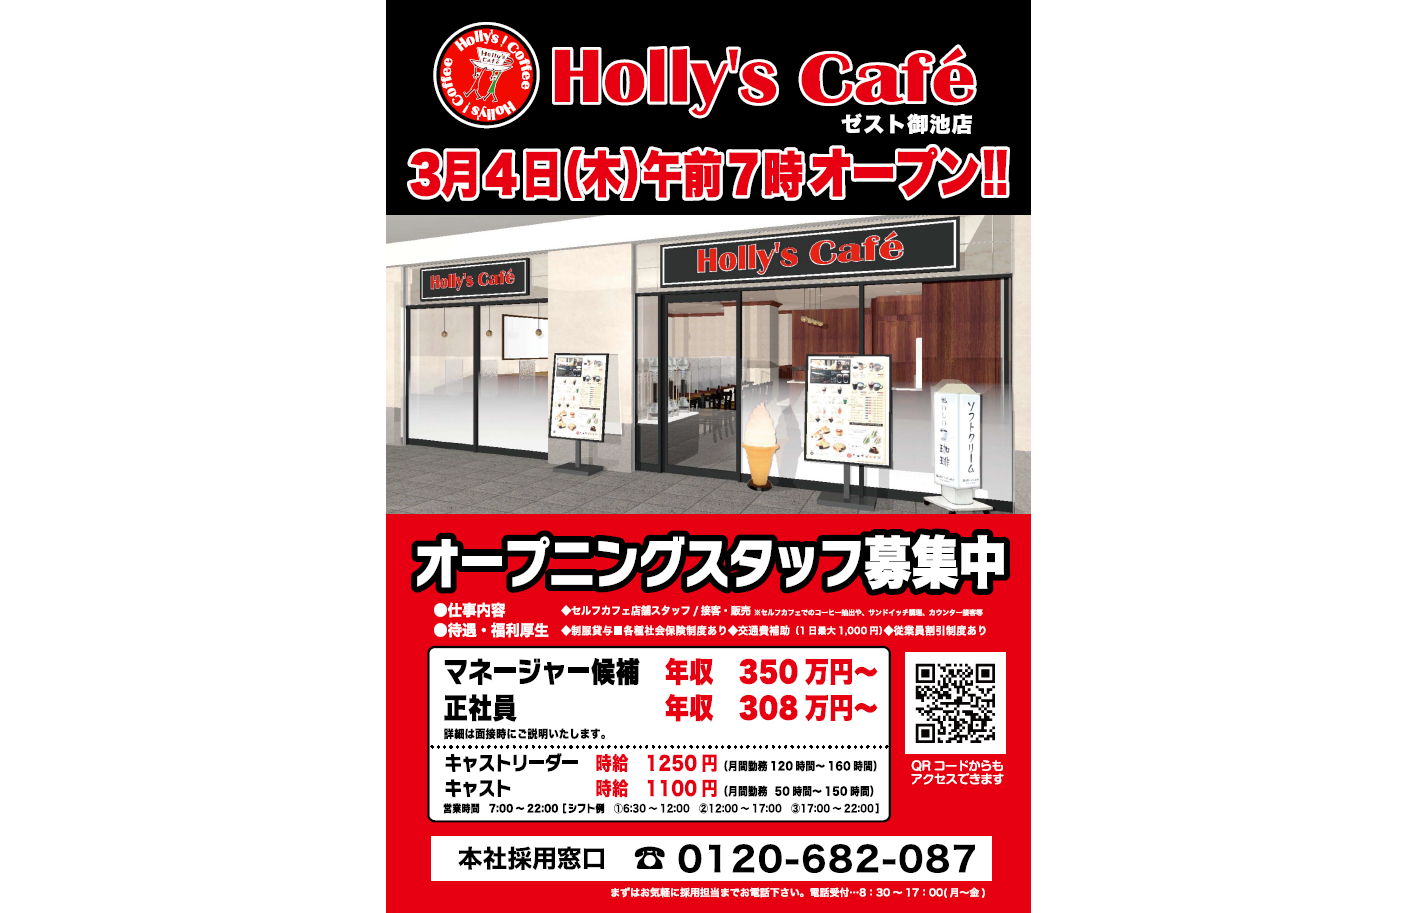 ホリーズカフェ 3/4(木)AM7:00オープン!